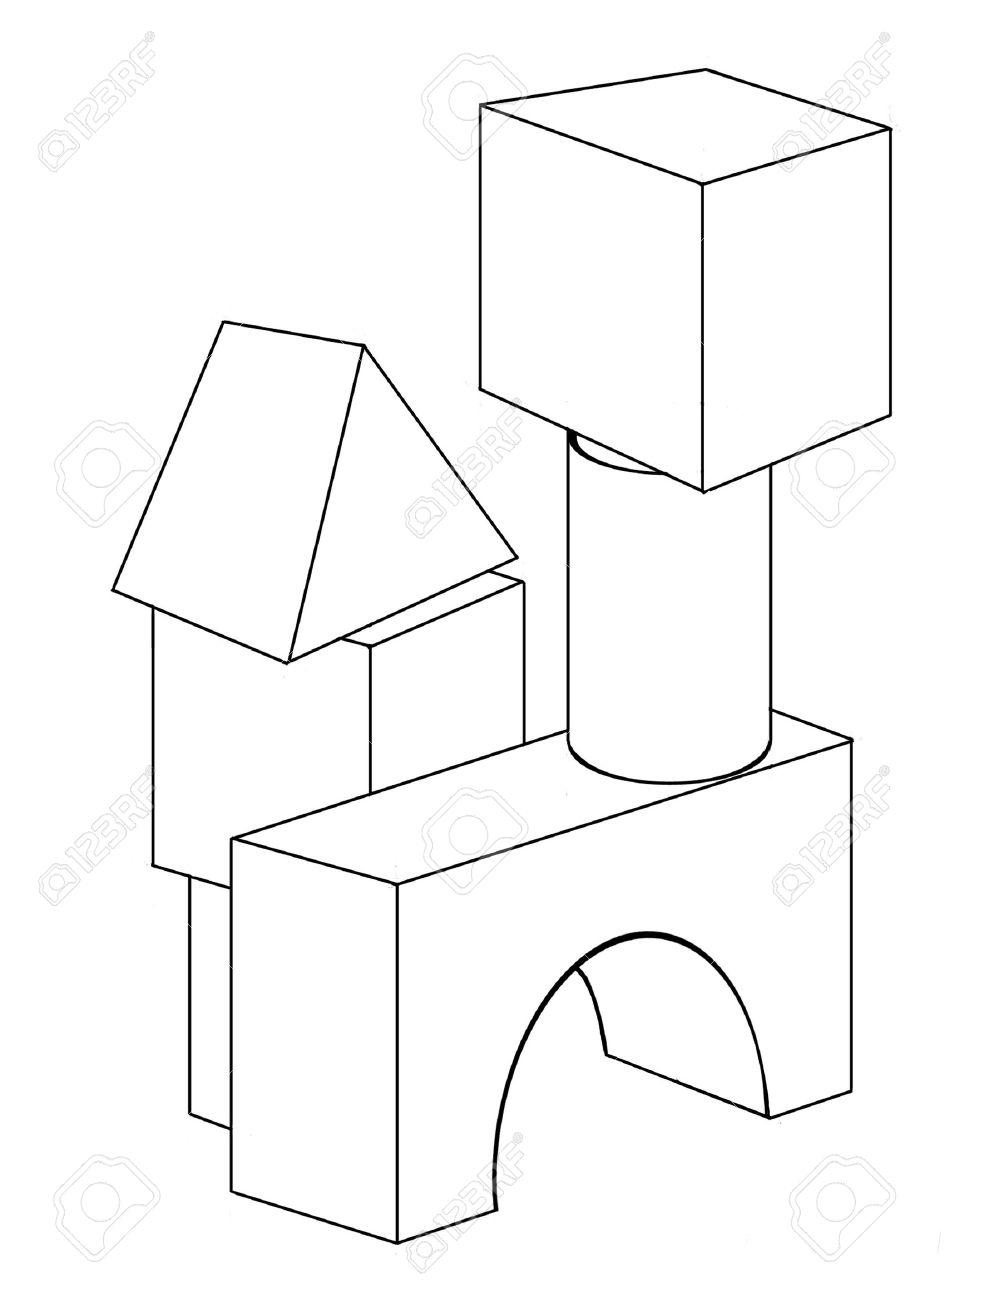 banque dimages dessin de contour des blocs de jouet pour la coloration